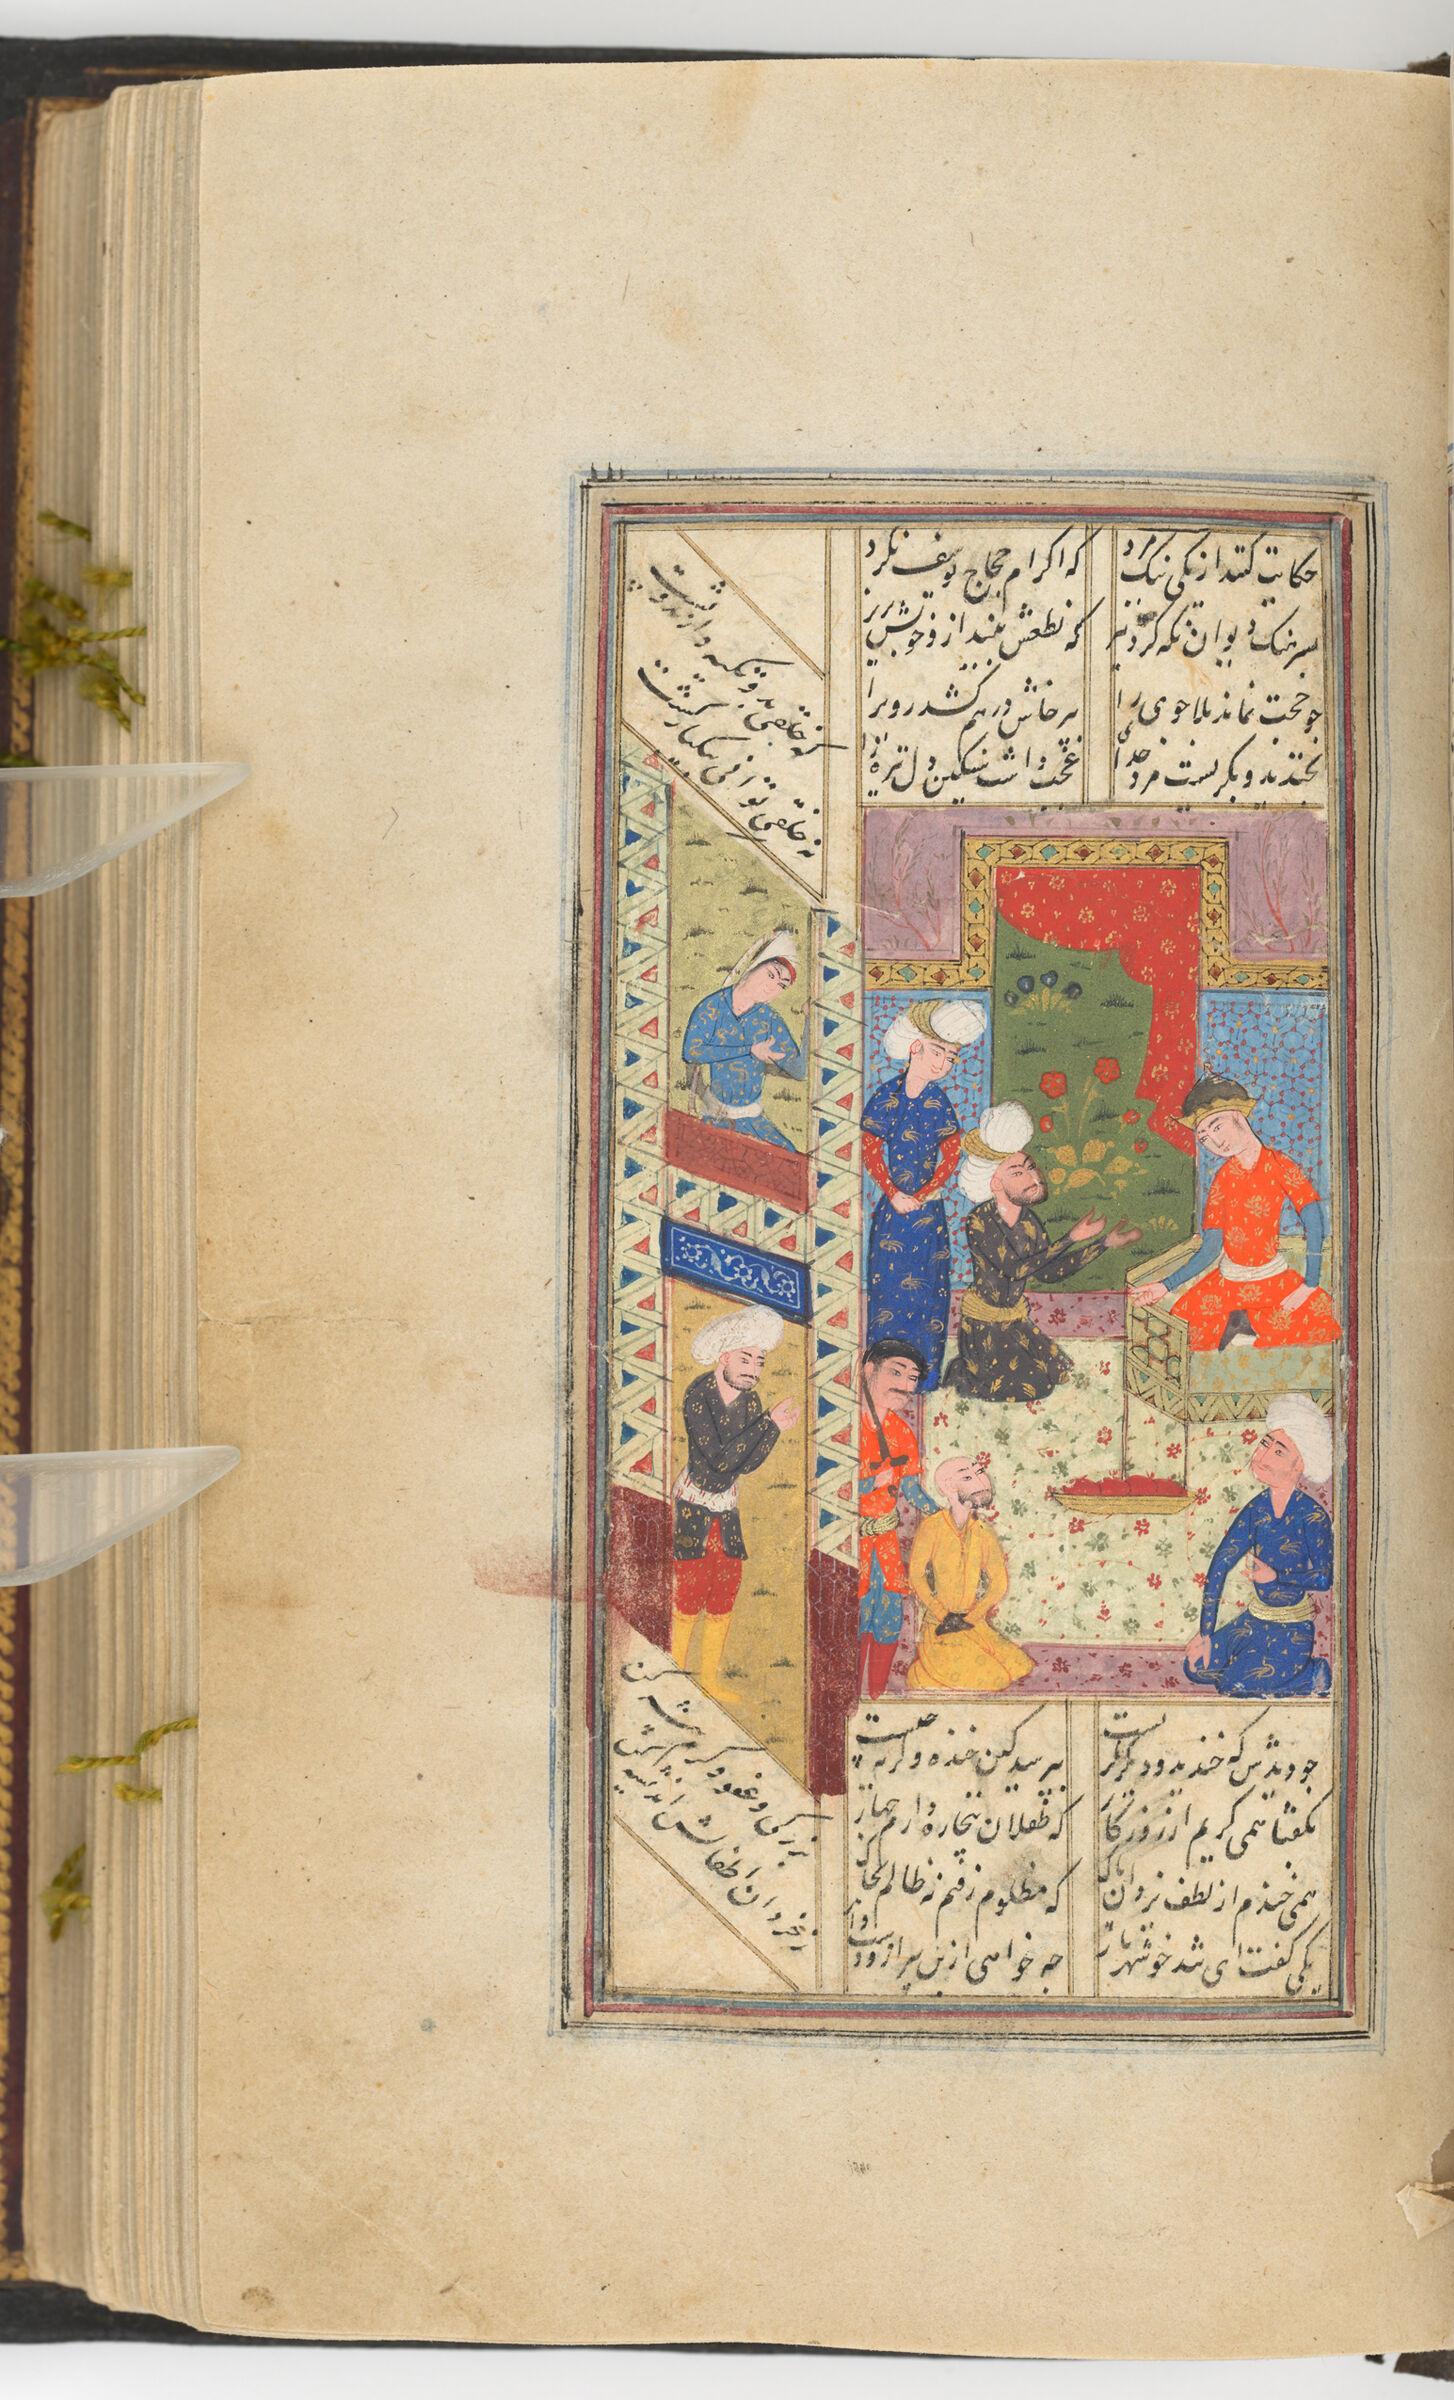 The Man Who Disrespected Hajjaj B. Yusuf (Painting Recto; Text Verso Of Folio 64), Painting From A Manuscript Of The Kulliyat Of Sa'di